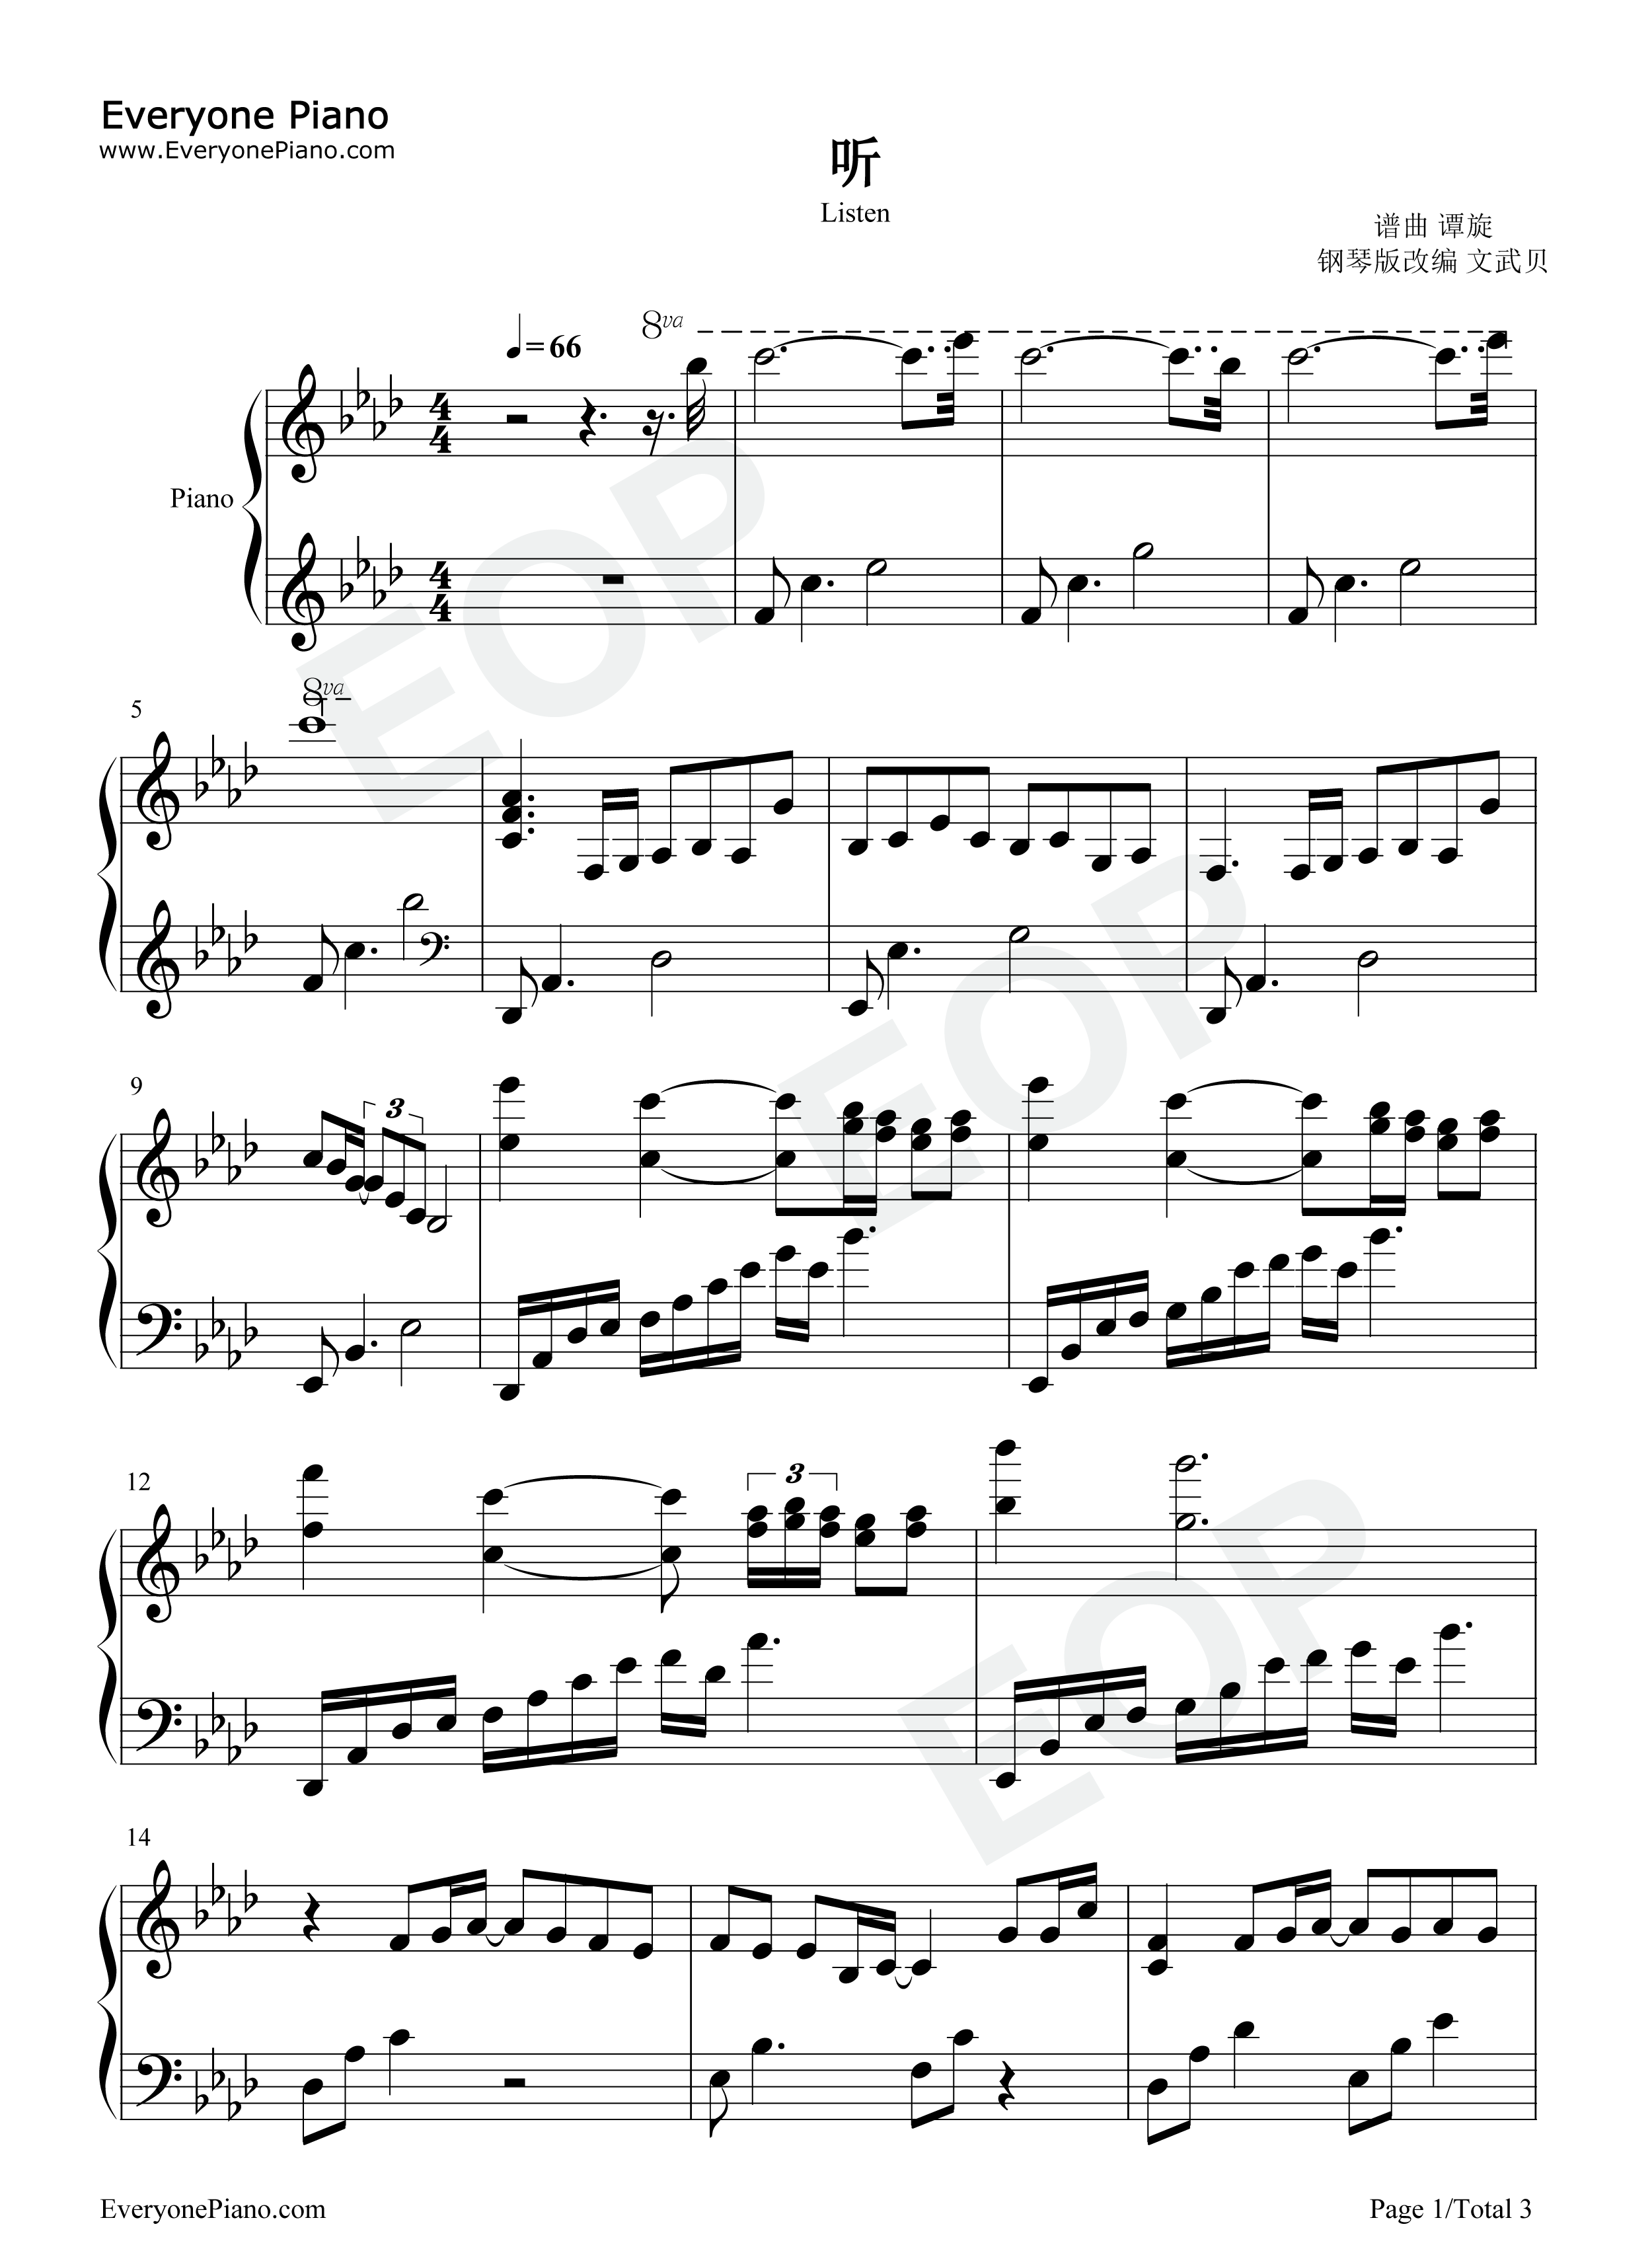 钢琴谱(五线谱,双手简谱